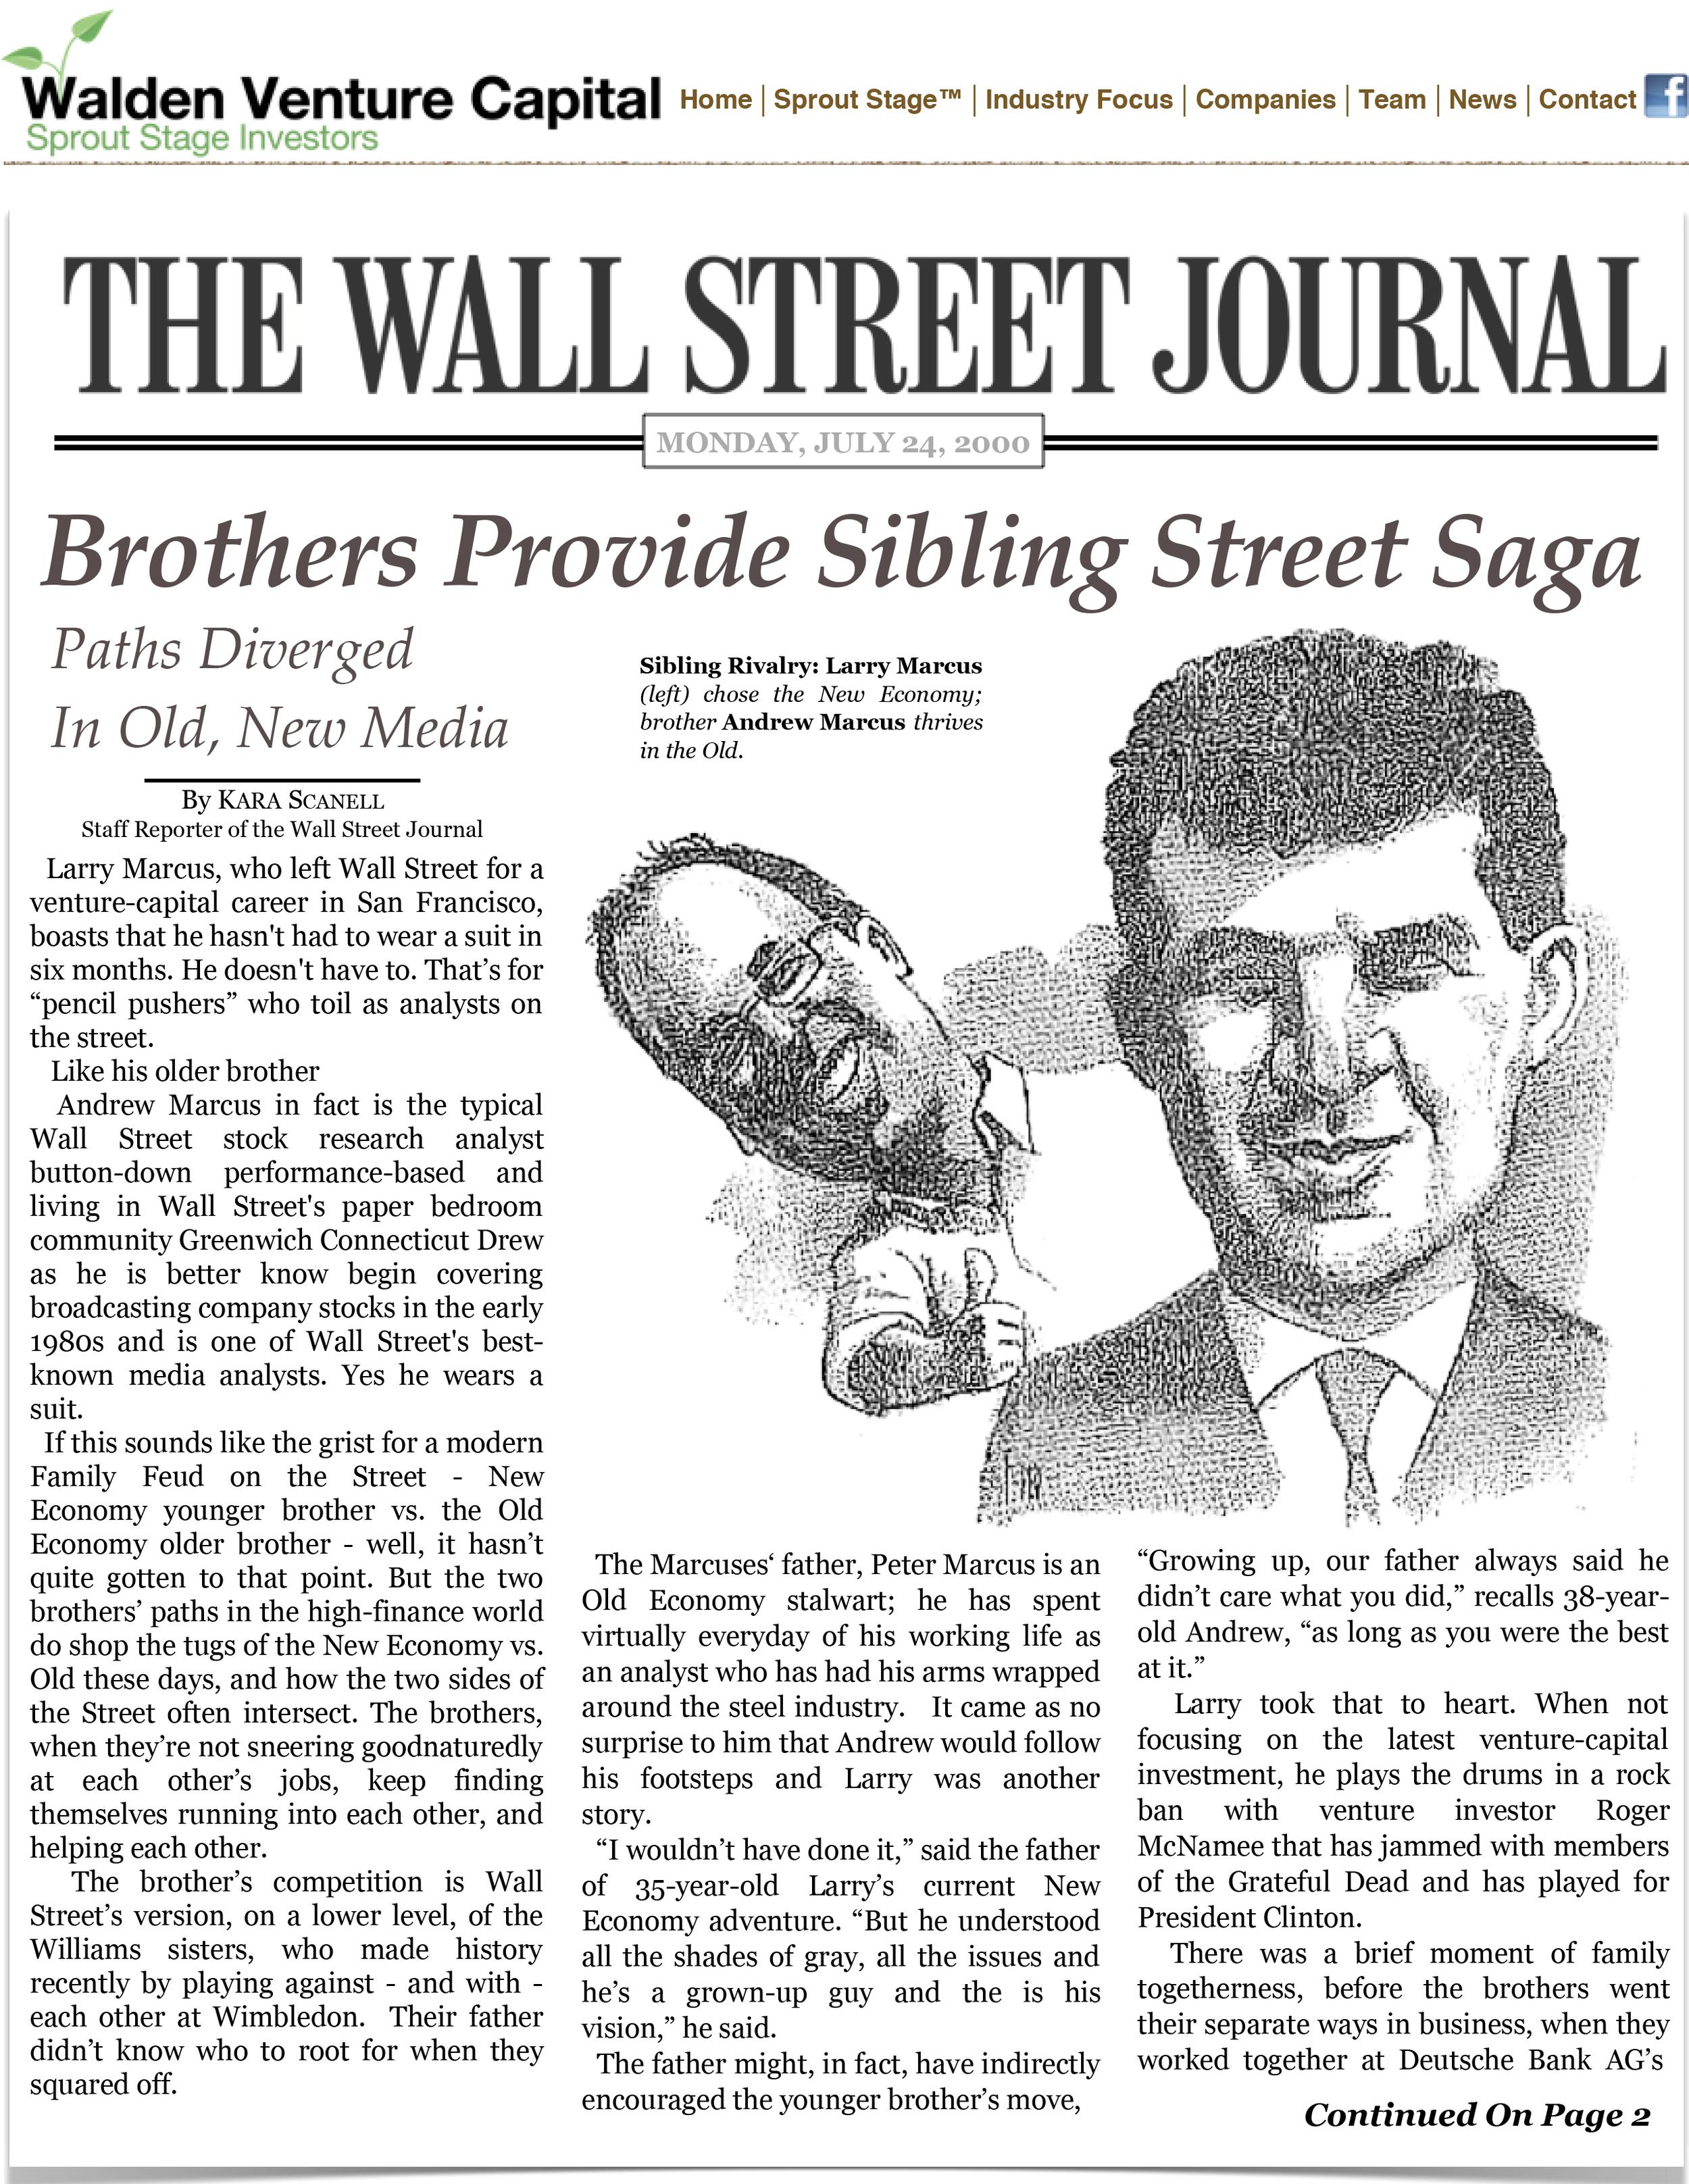 Brothers Provide Sibling Street Saga